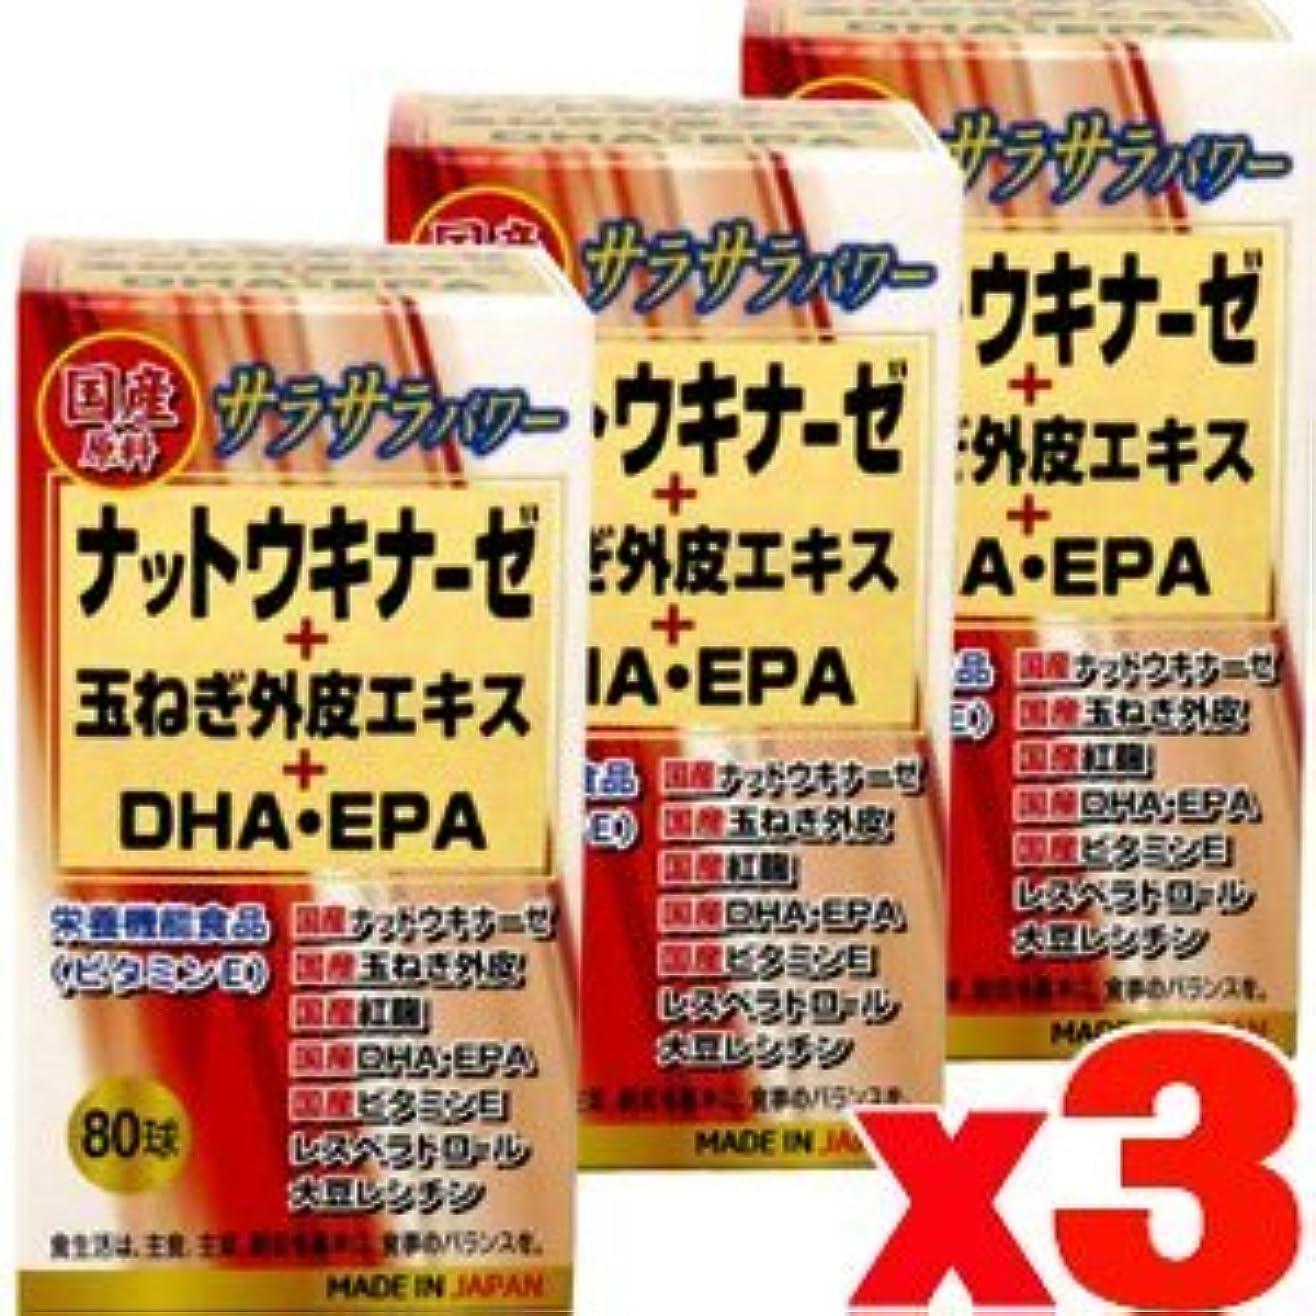 すべき調和楽しい【3個】ユウキ製薬 ナットウキナーゼ+玉ねぎ外皮エキス+DHA?EPA 80球x3個(4524326202109)